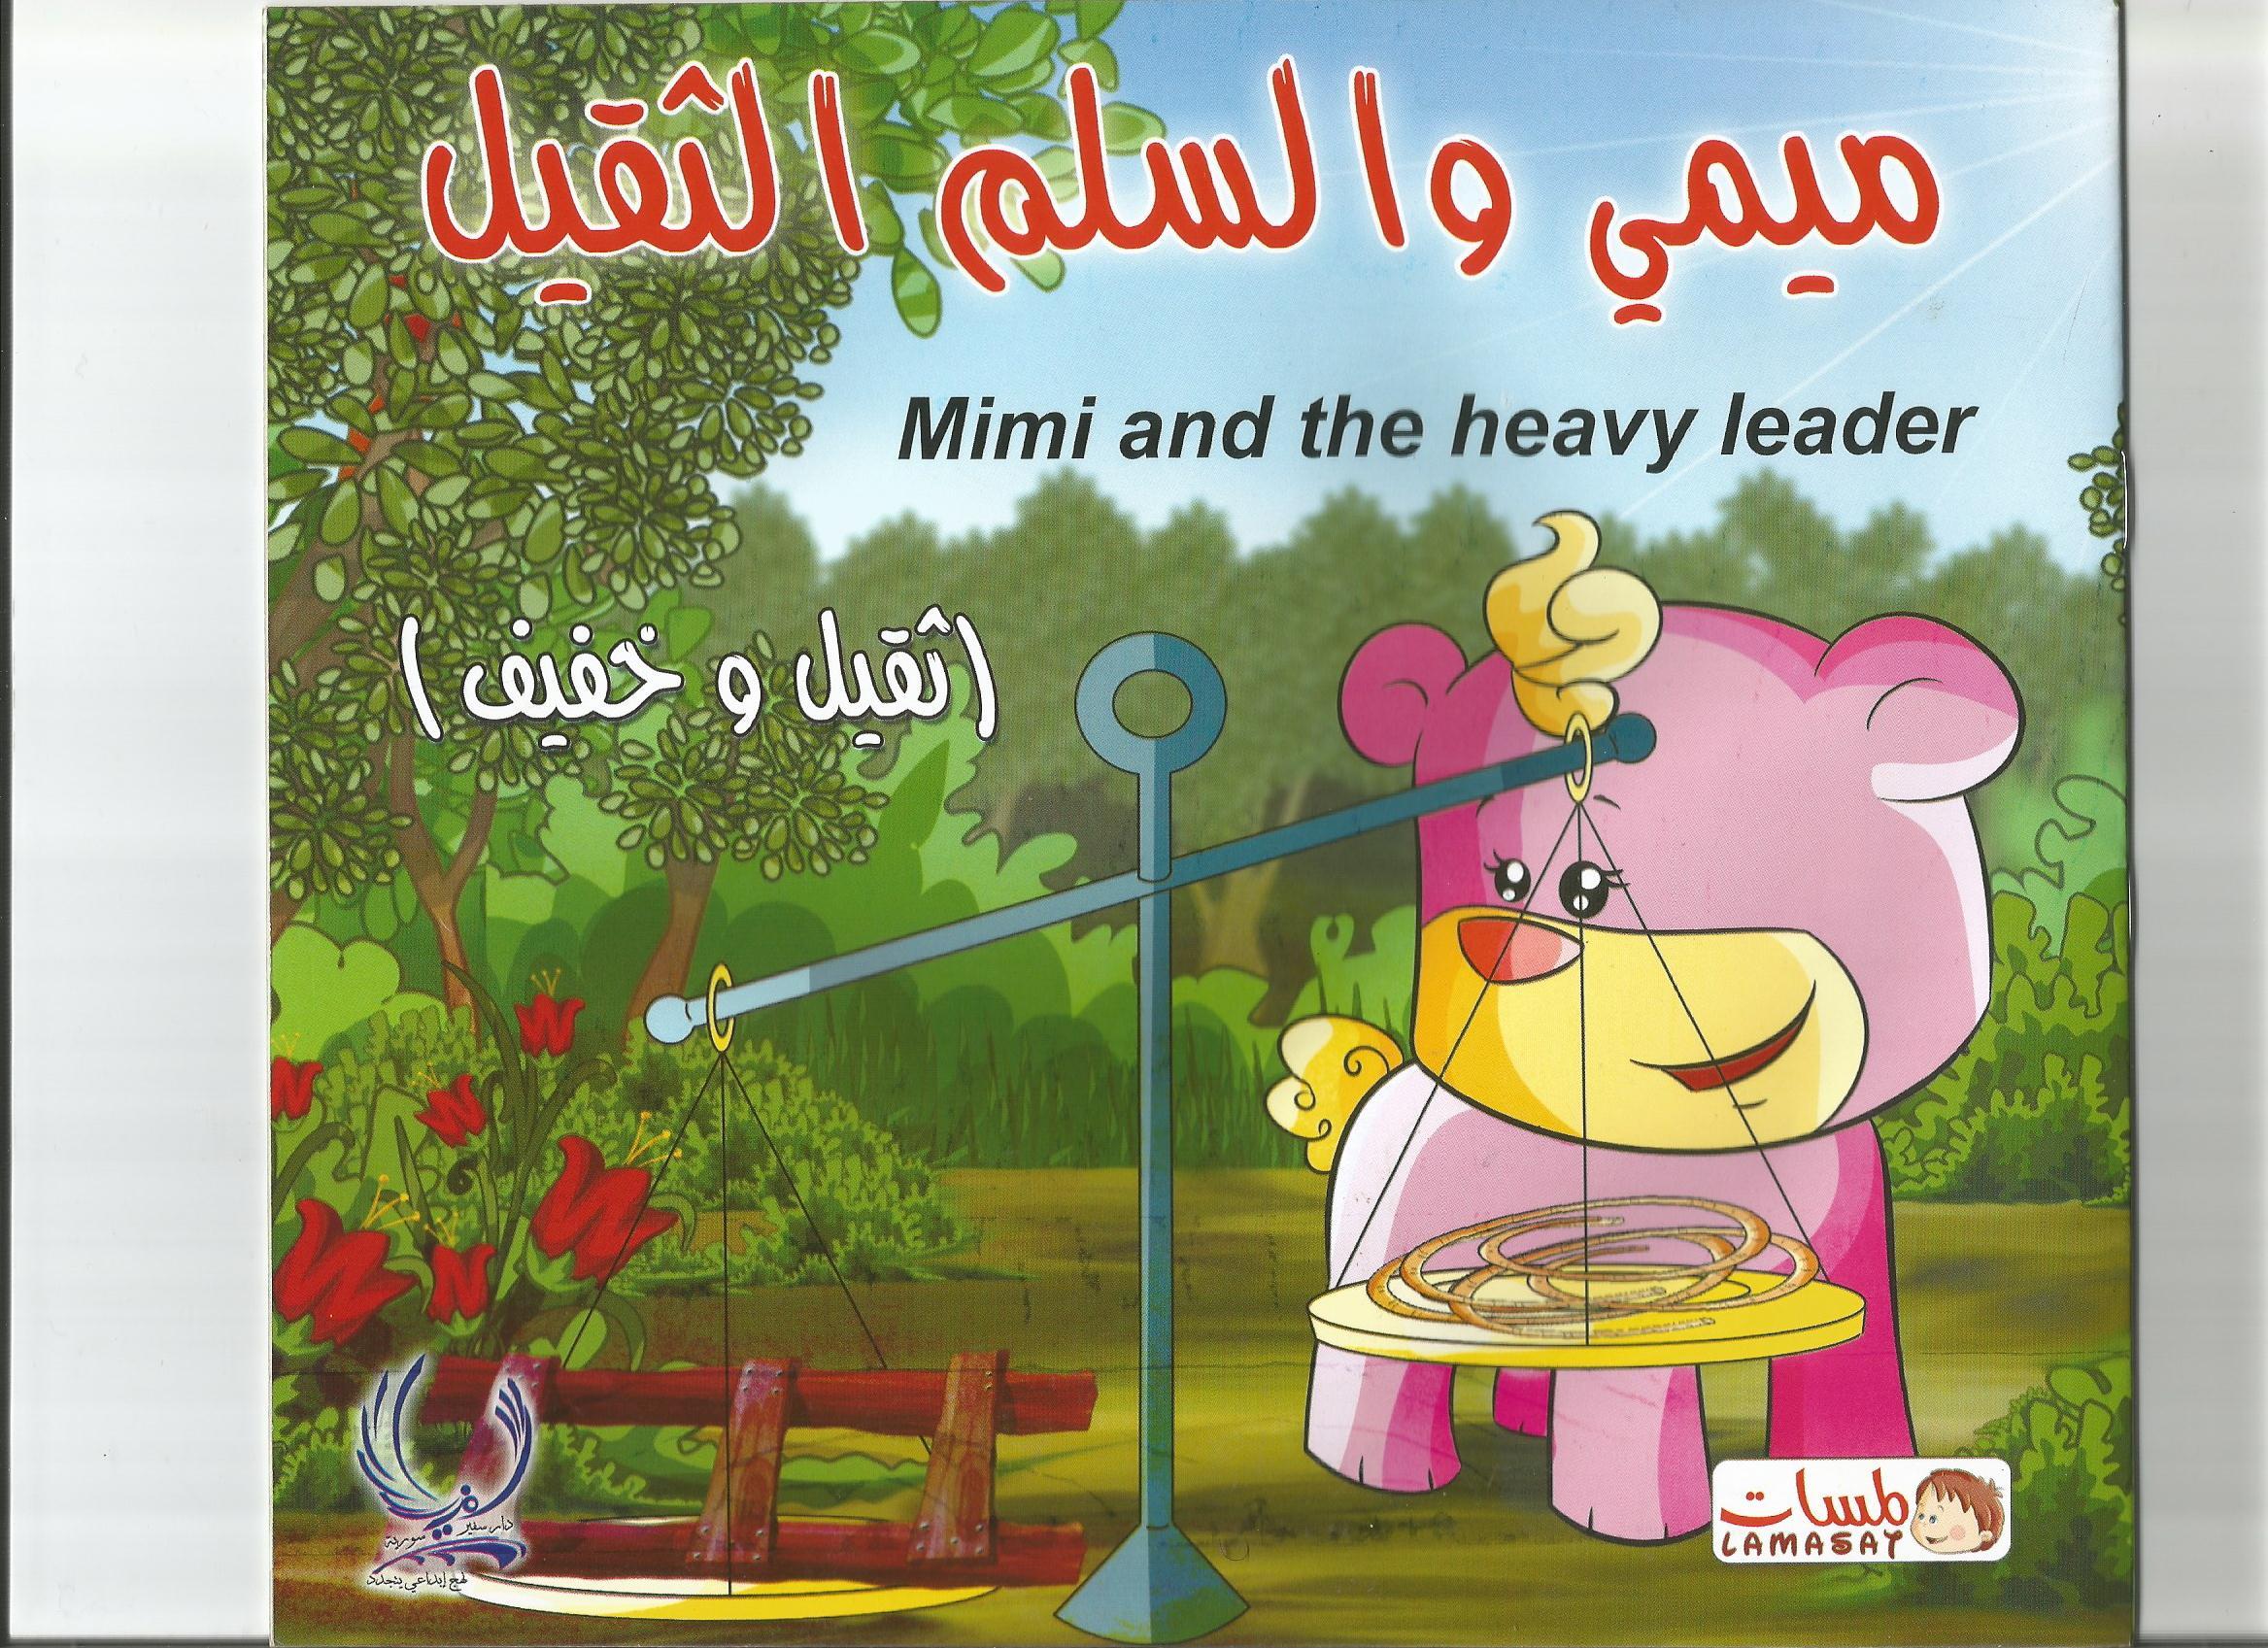 ترجمة خاطئة لكتب معرض الكتاب